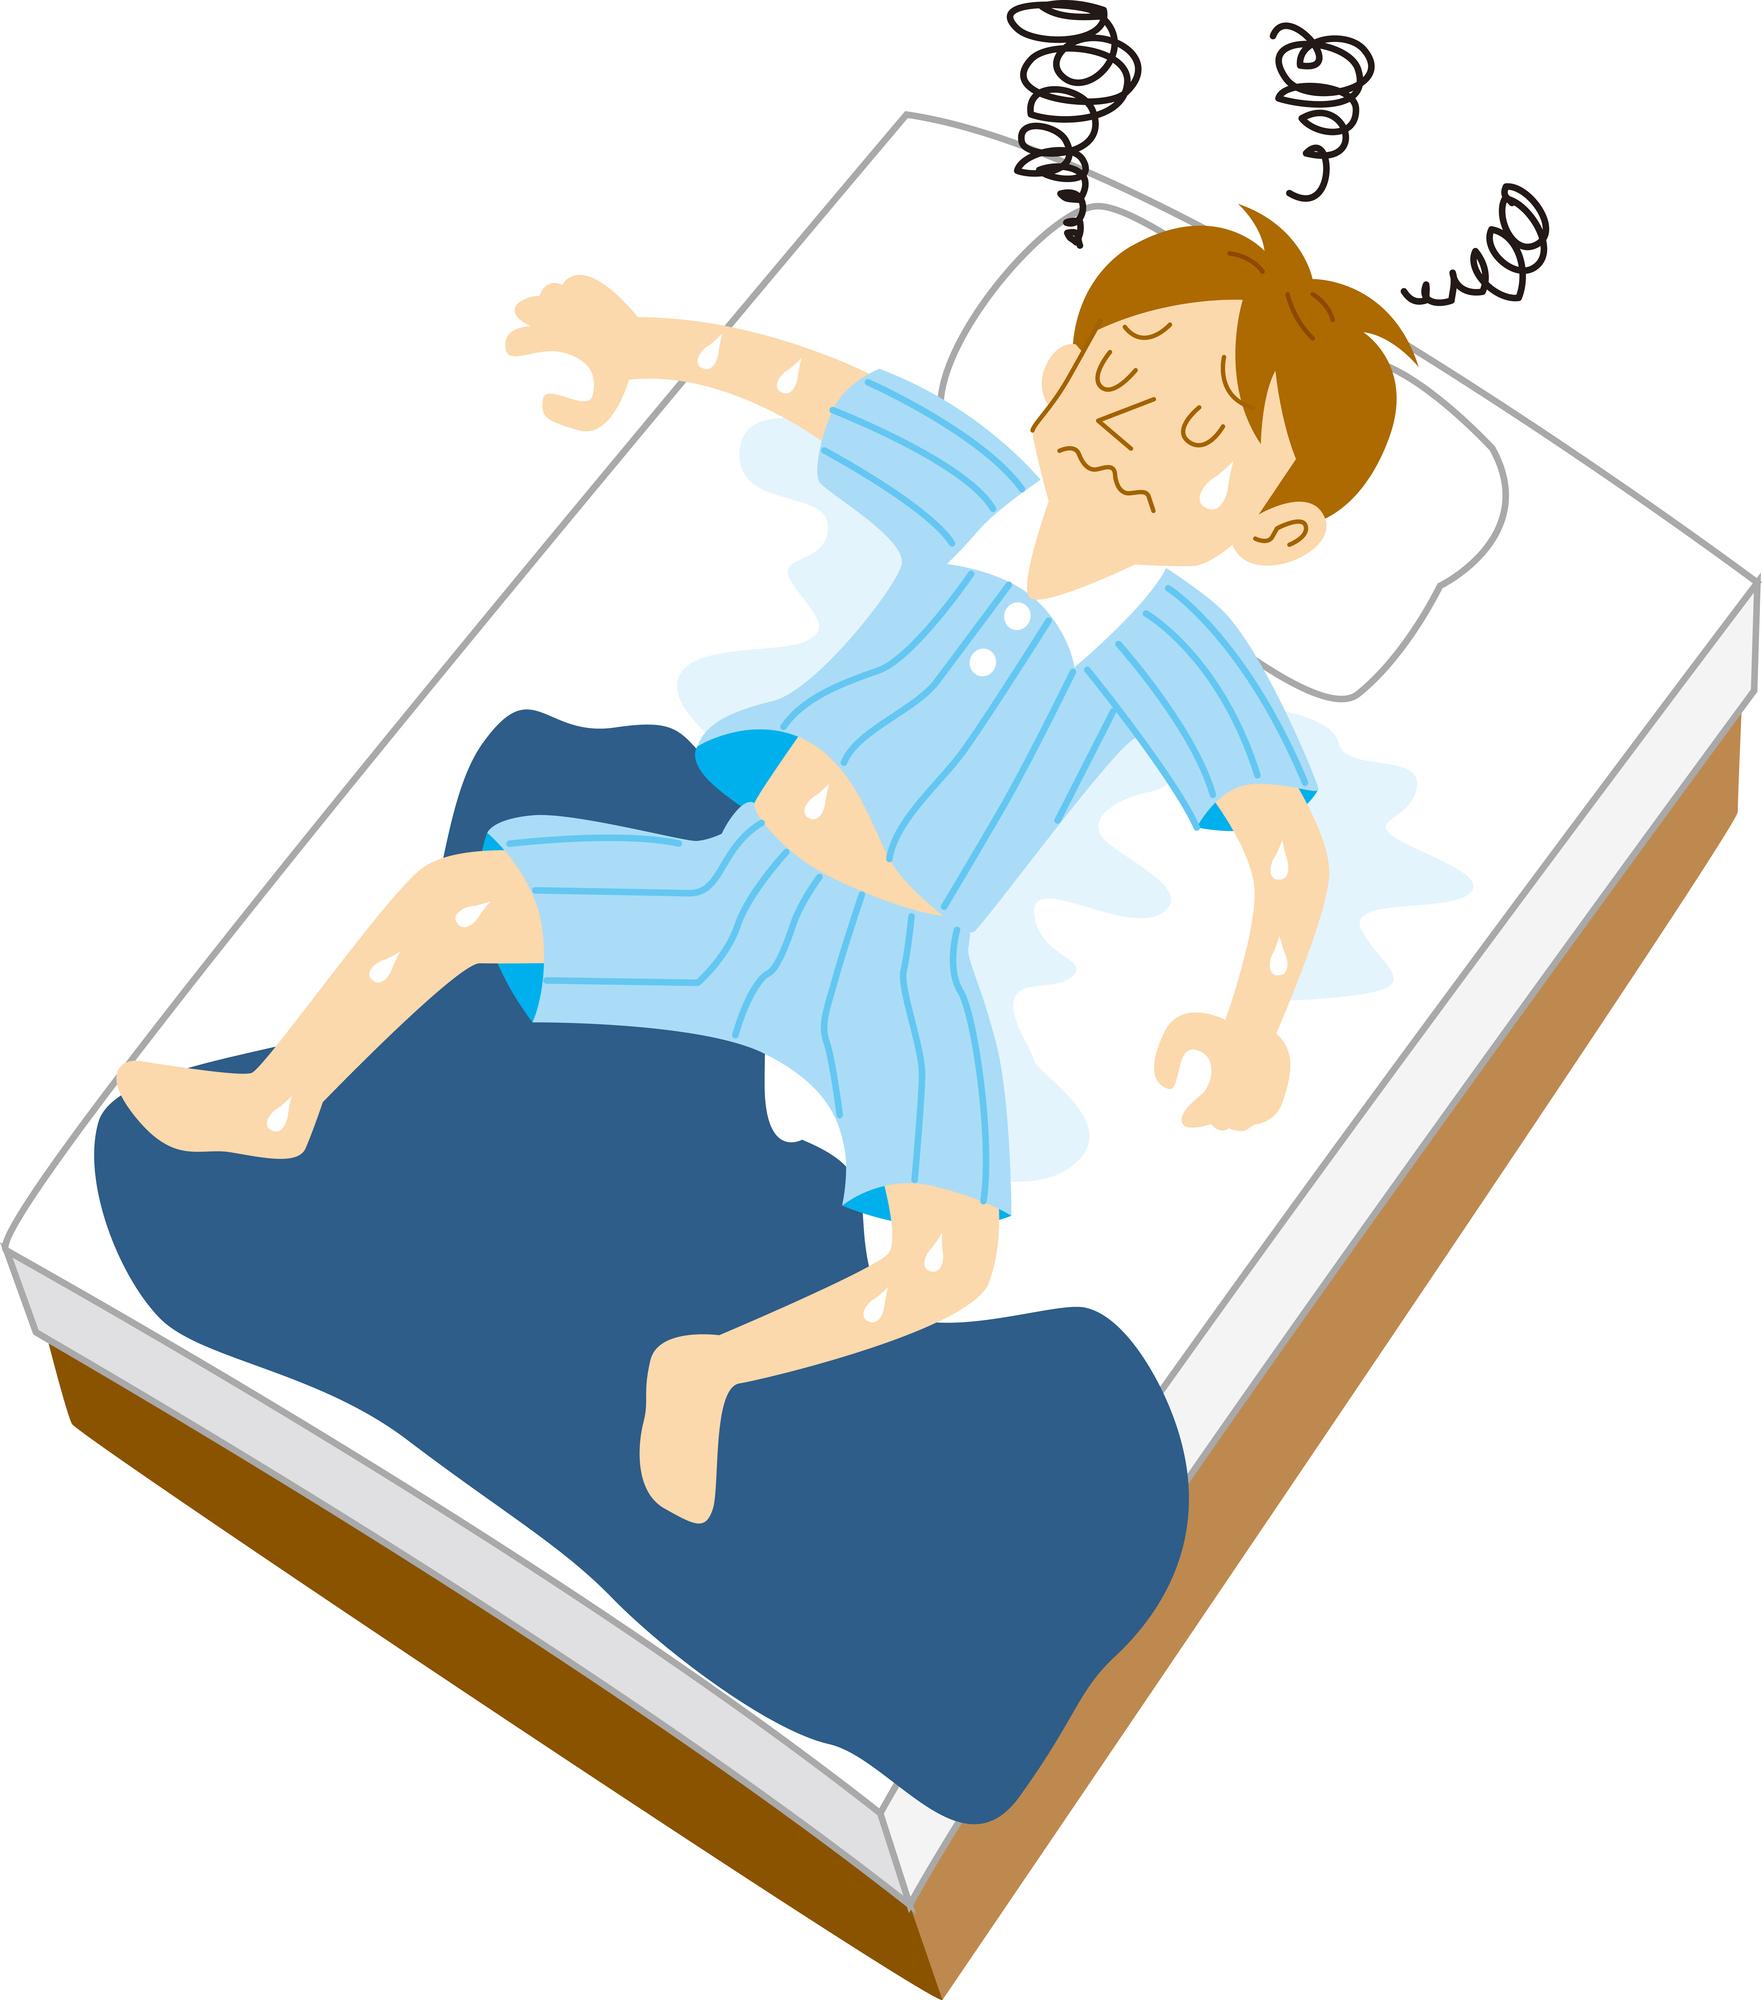 エアコンはつけっぱなしで寝てもいいですか?